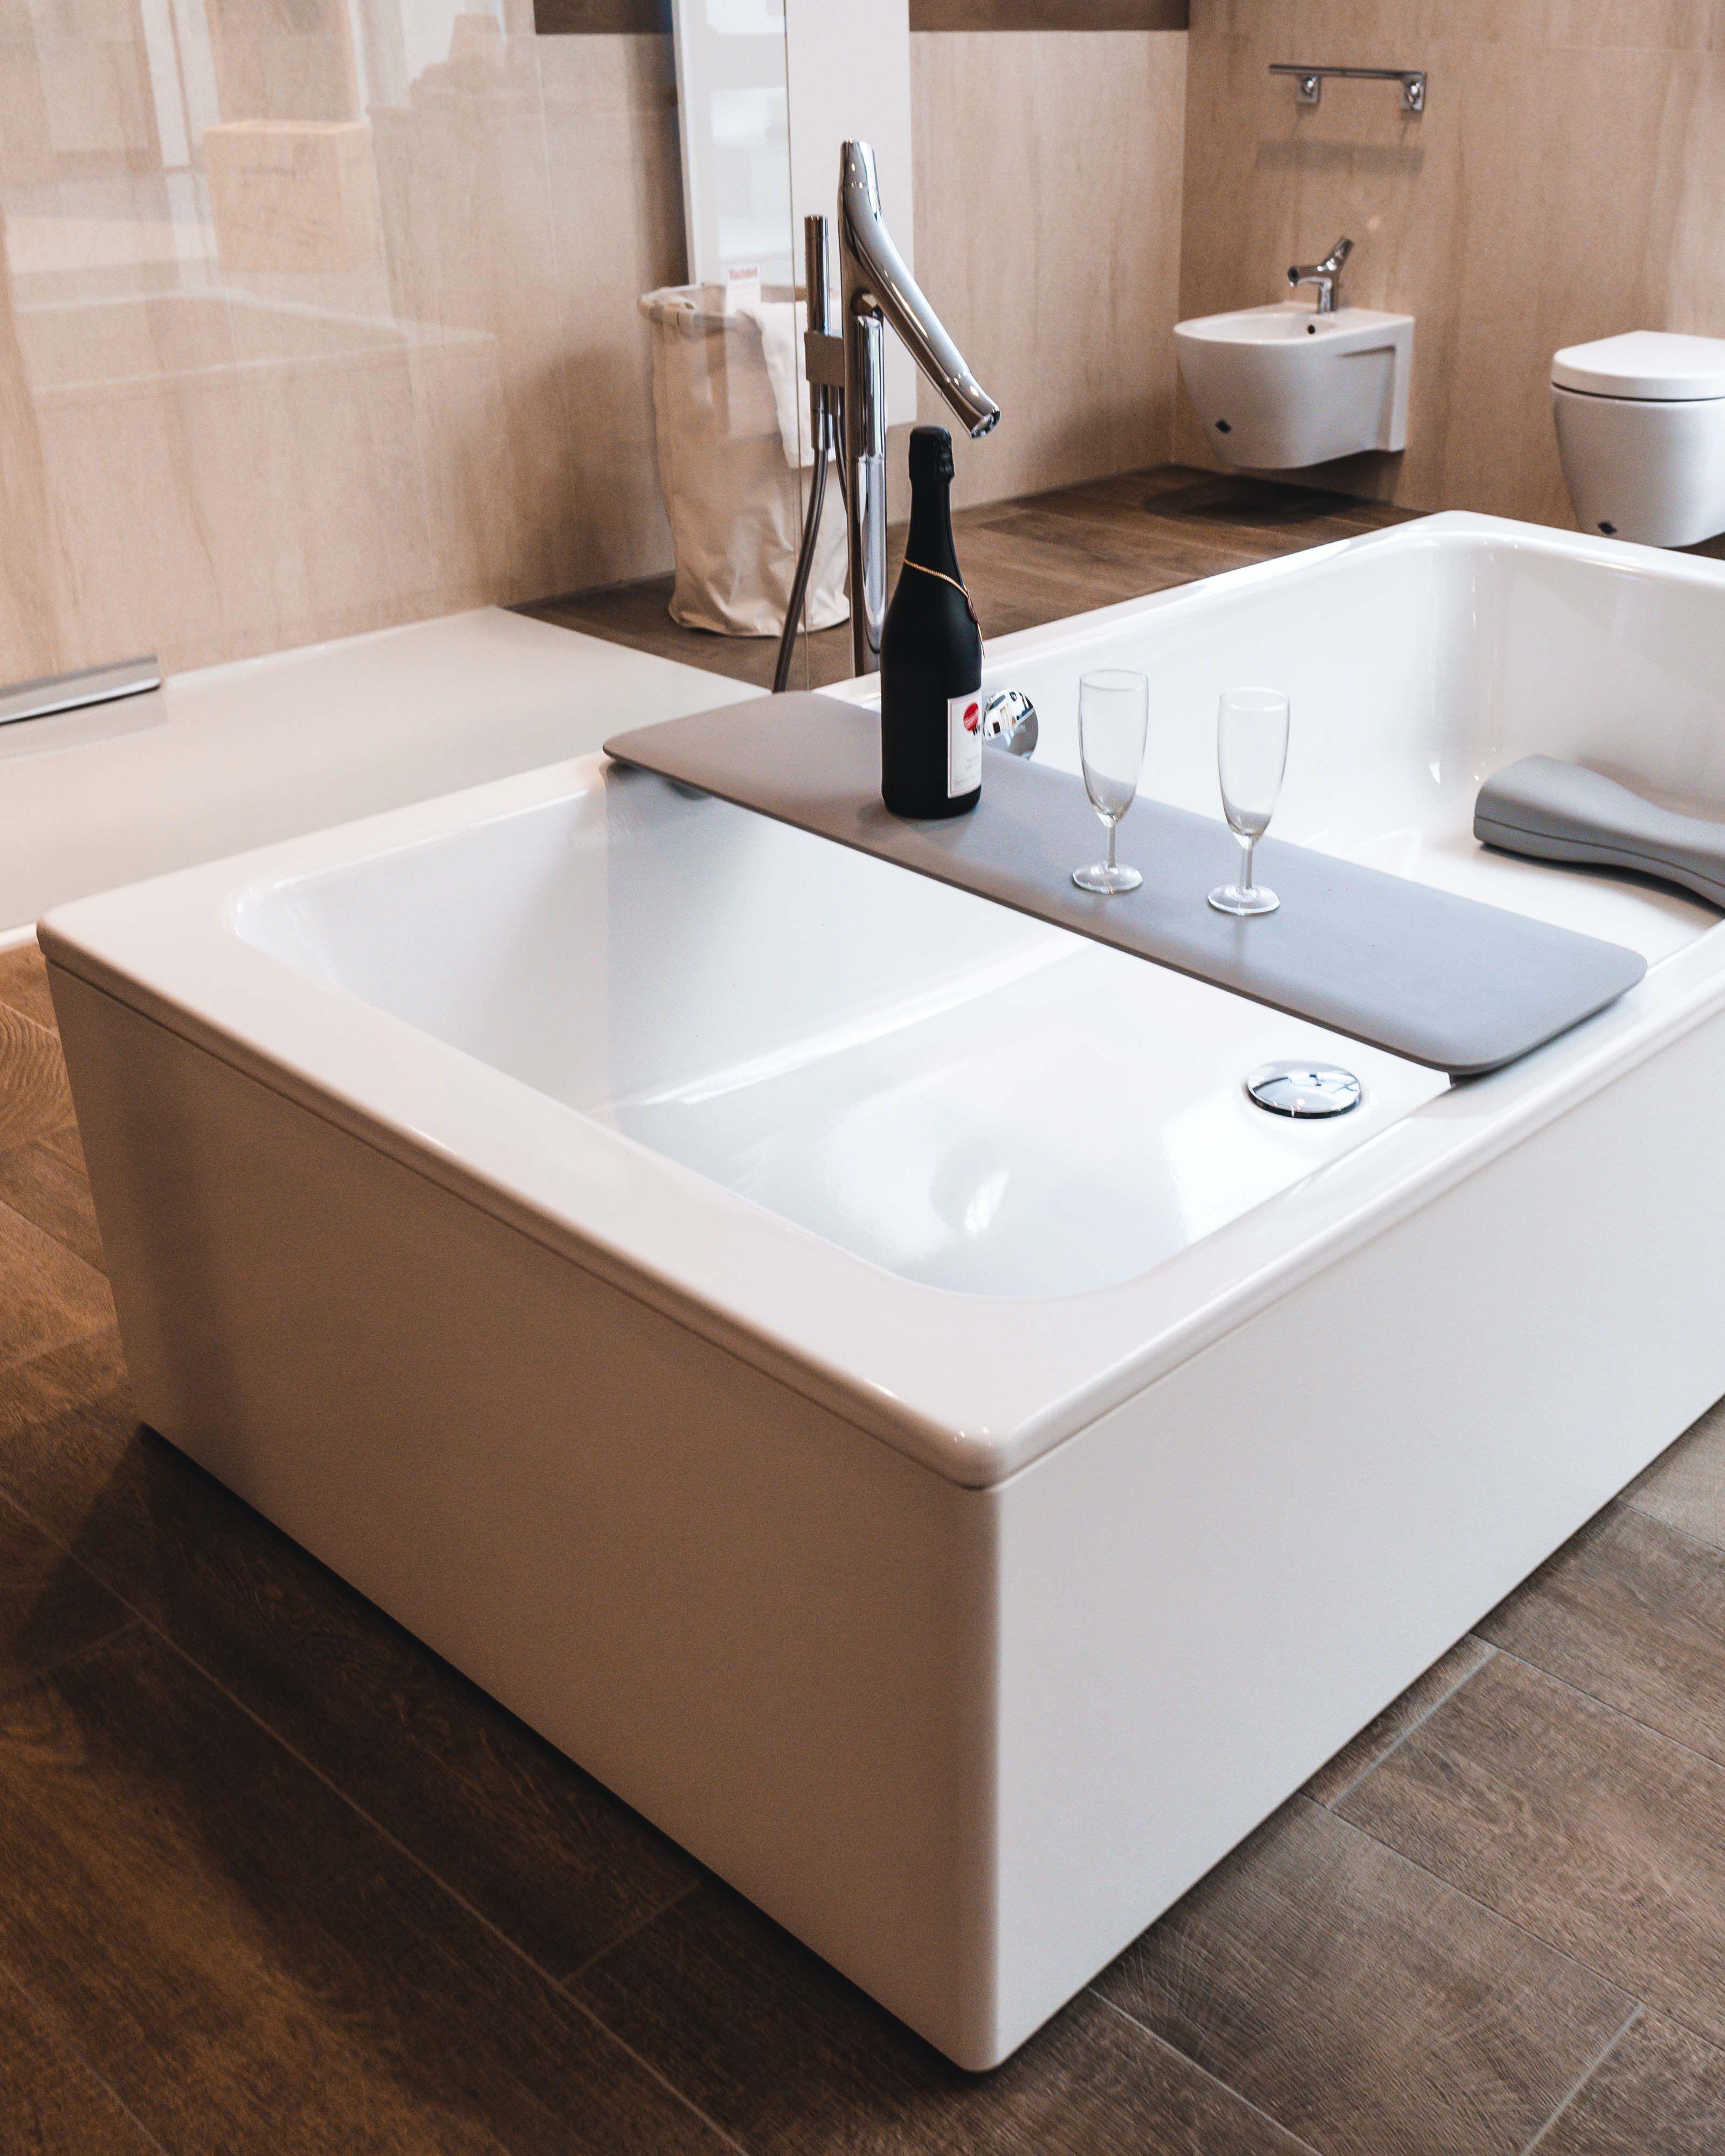 Du Bist Auf Der Suche Nach Einem Neuen Bad Du Mochtest Eine Besonders Bequeme Badewanne Haben Und Einen Fehl Neues Badezimmer Bad Einrichten Badezimmer Design